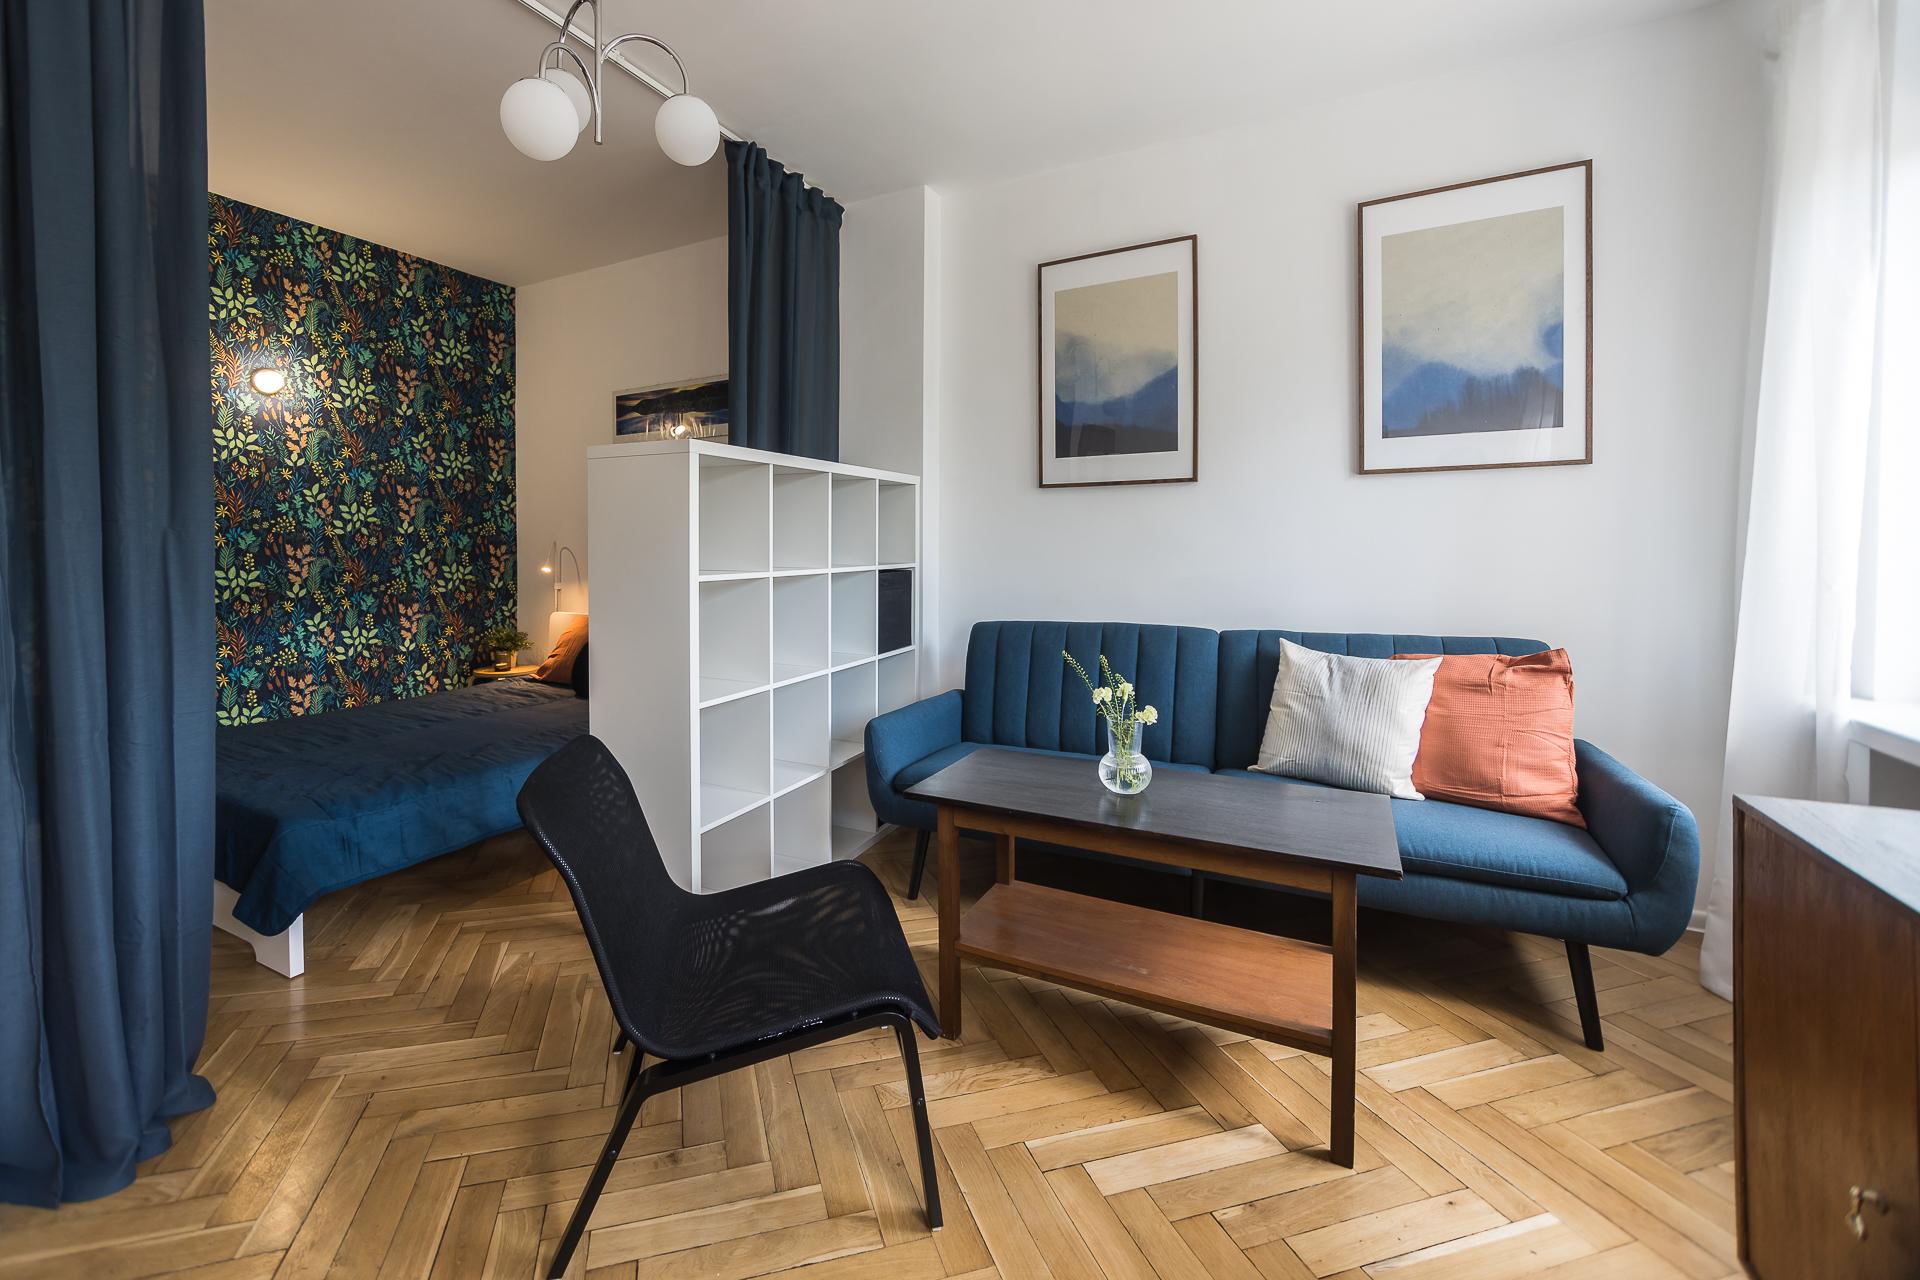 HouseStudio projektowanie wnętrz, home staging   Poznań